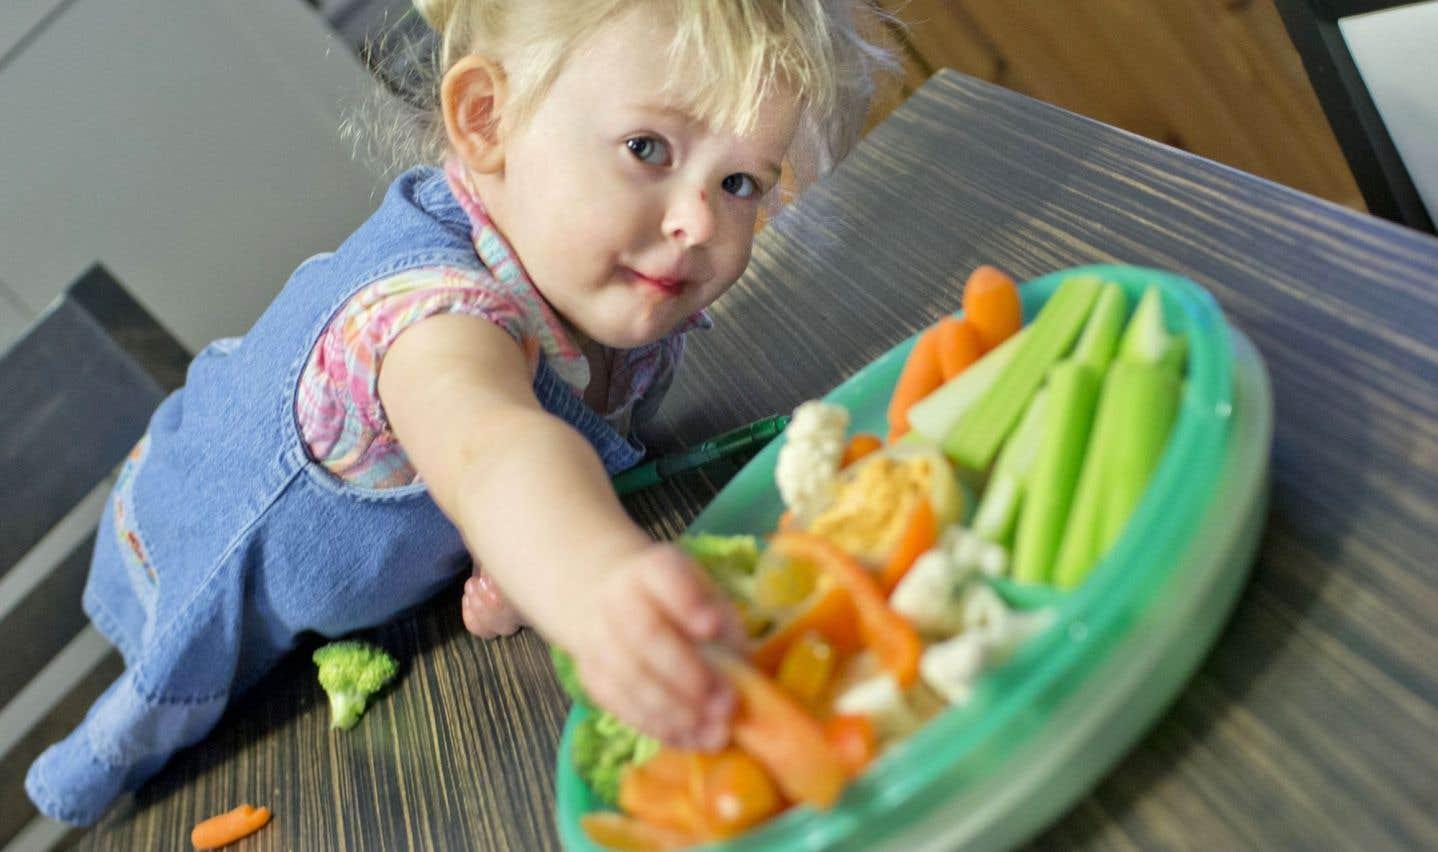 Il faut déboulonner le mythe selon lequel les enfants n'aimeraient pas certains aliments trop verts ou imparfaits.